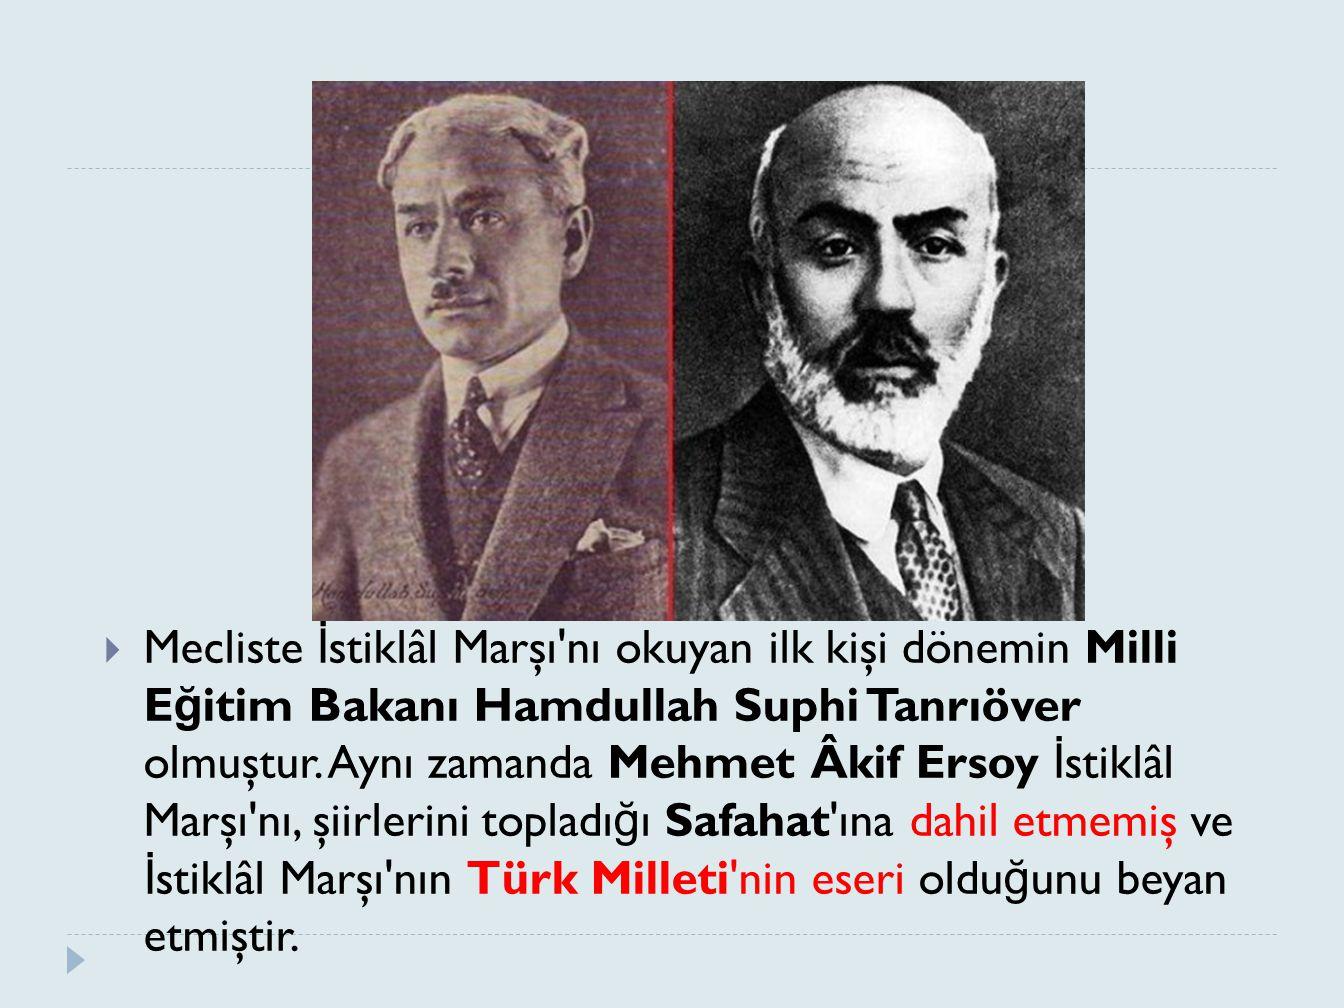  Mecliste İ stiklâl Marşı'nı okuyan ilk kişi dönemin Milli E ğ itim Bakanı Hamdullah Suphi Tanrıöver olmuştur. Aynı zamanda Mehmet Âkif Ersoy İ stikl